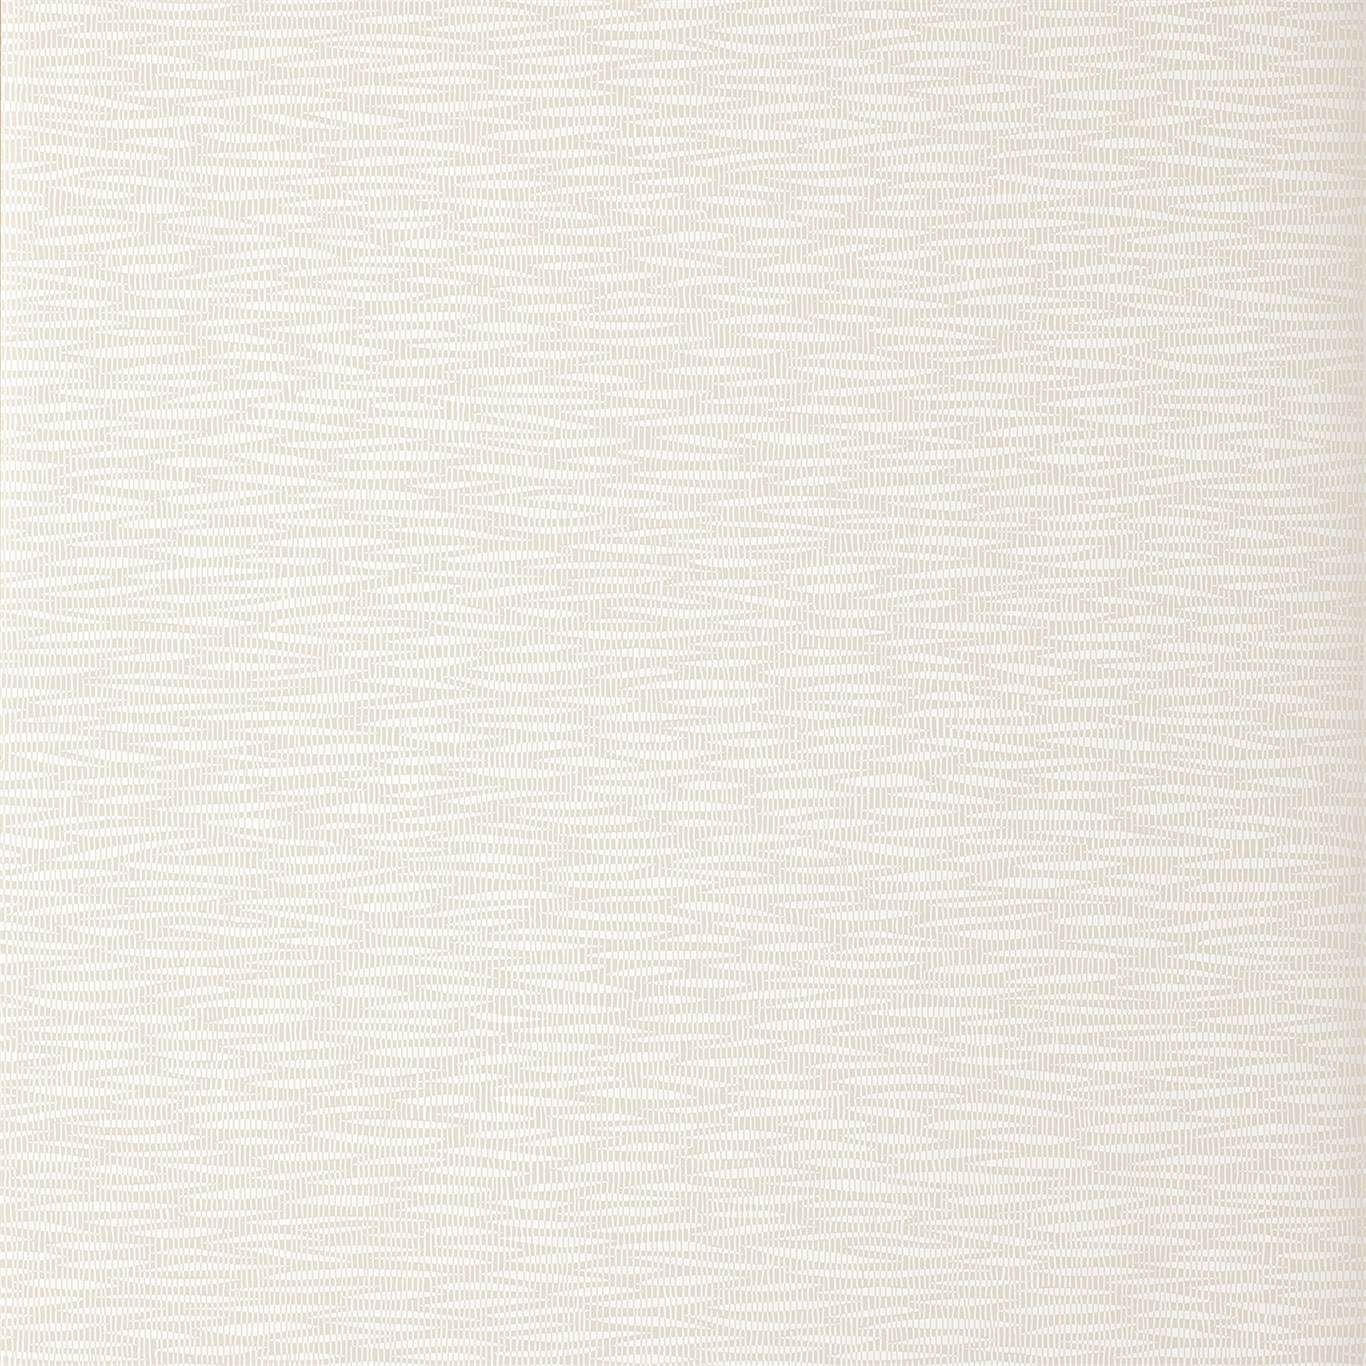 Английские обои Harlequin,  коллекция Anthology 01, артикулEREE110810